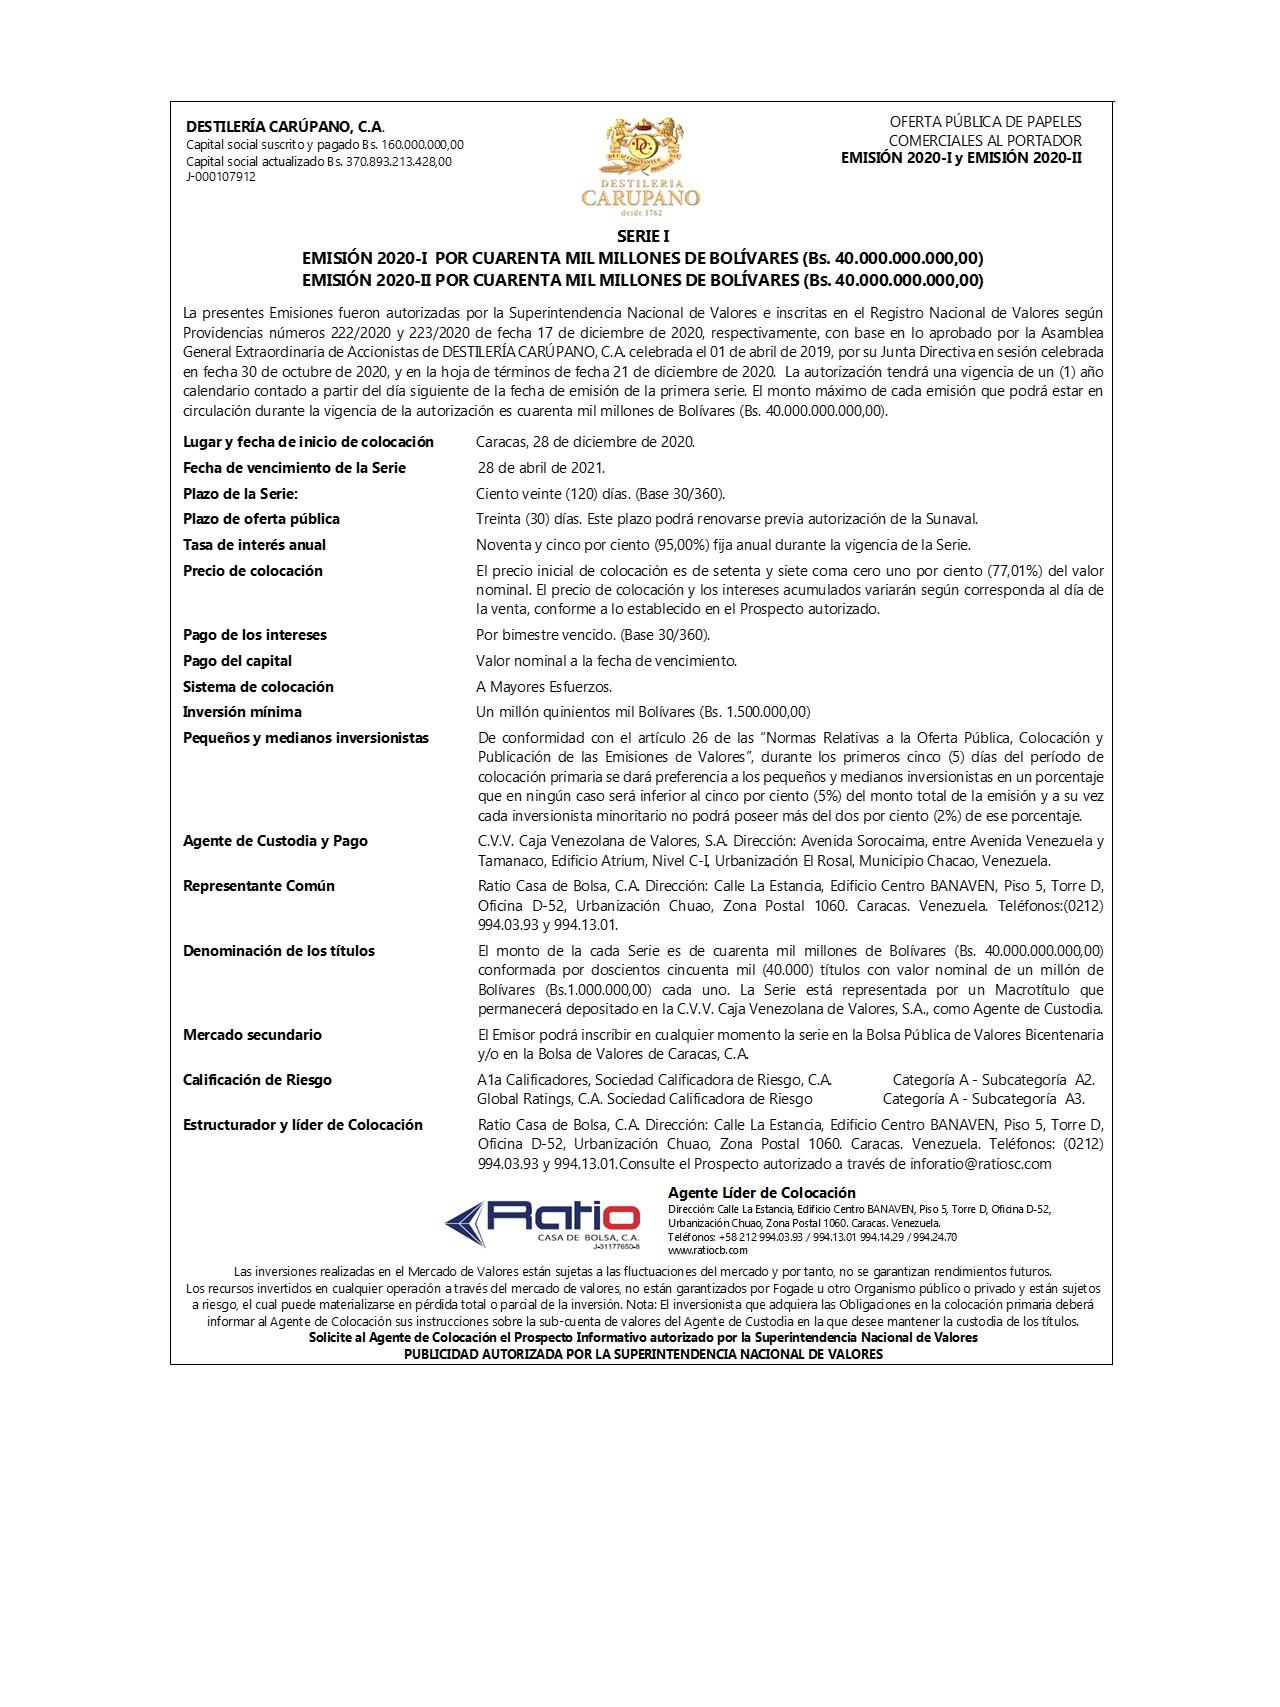 CARUPANO 2020 I-II